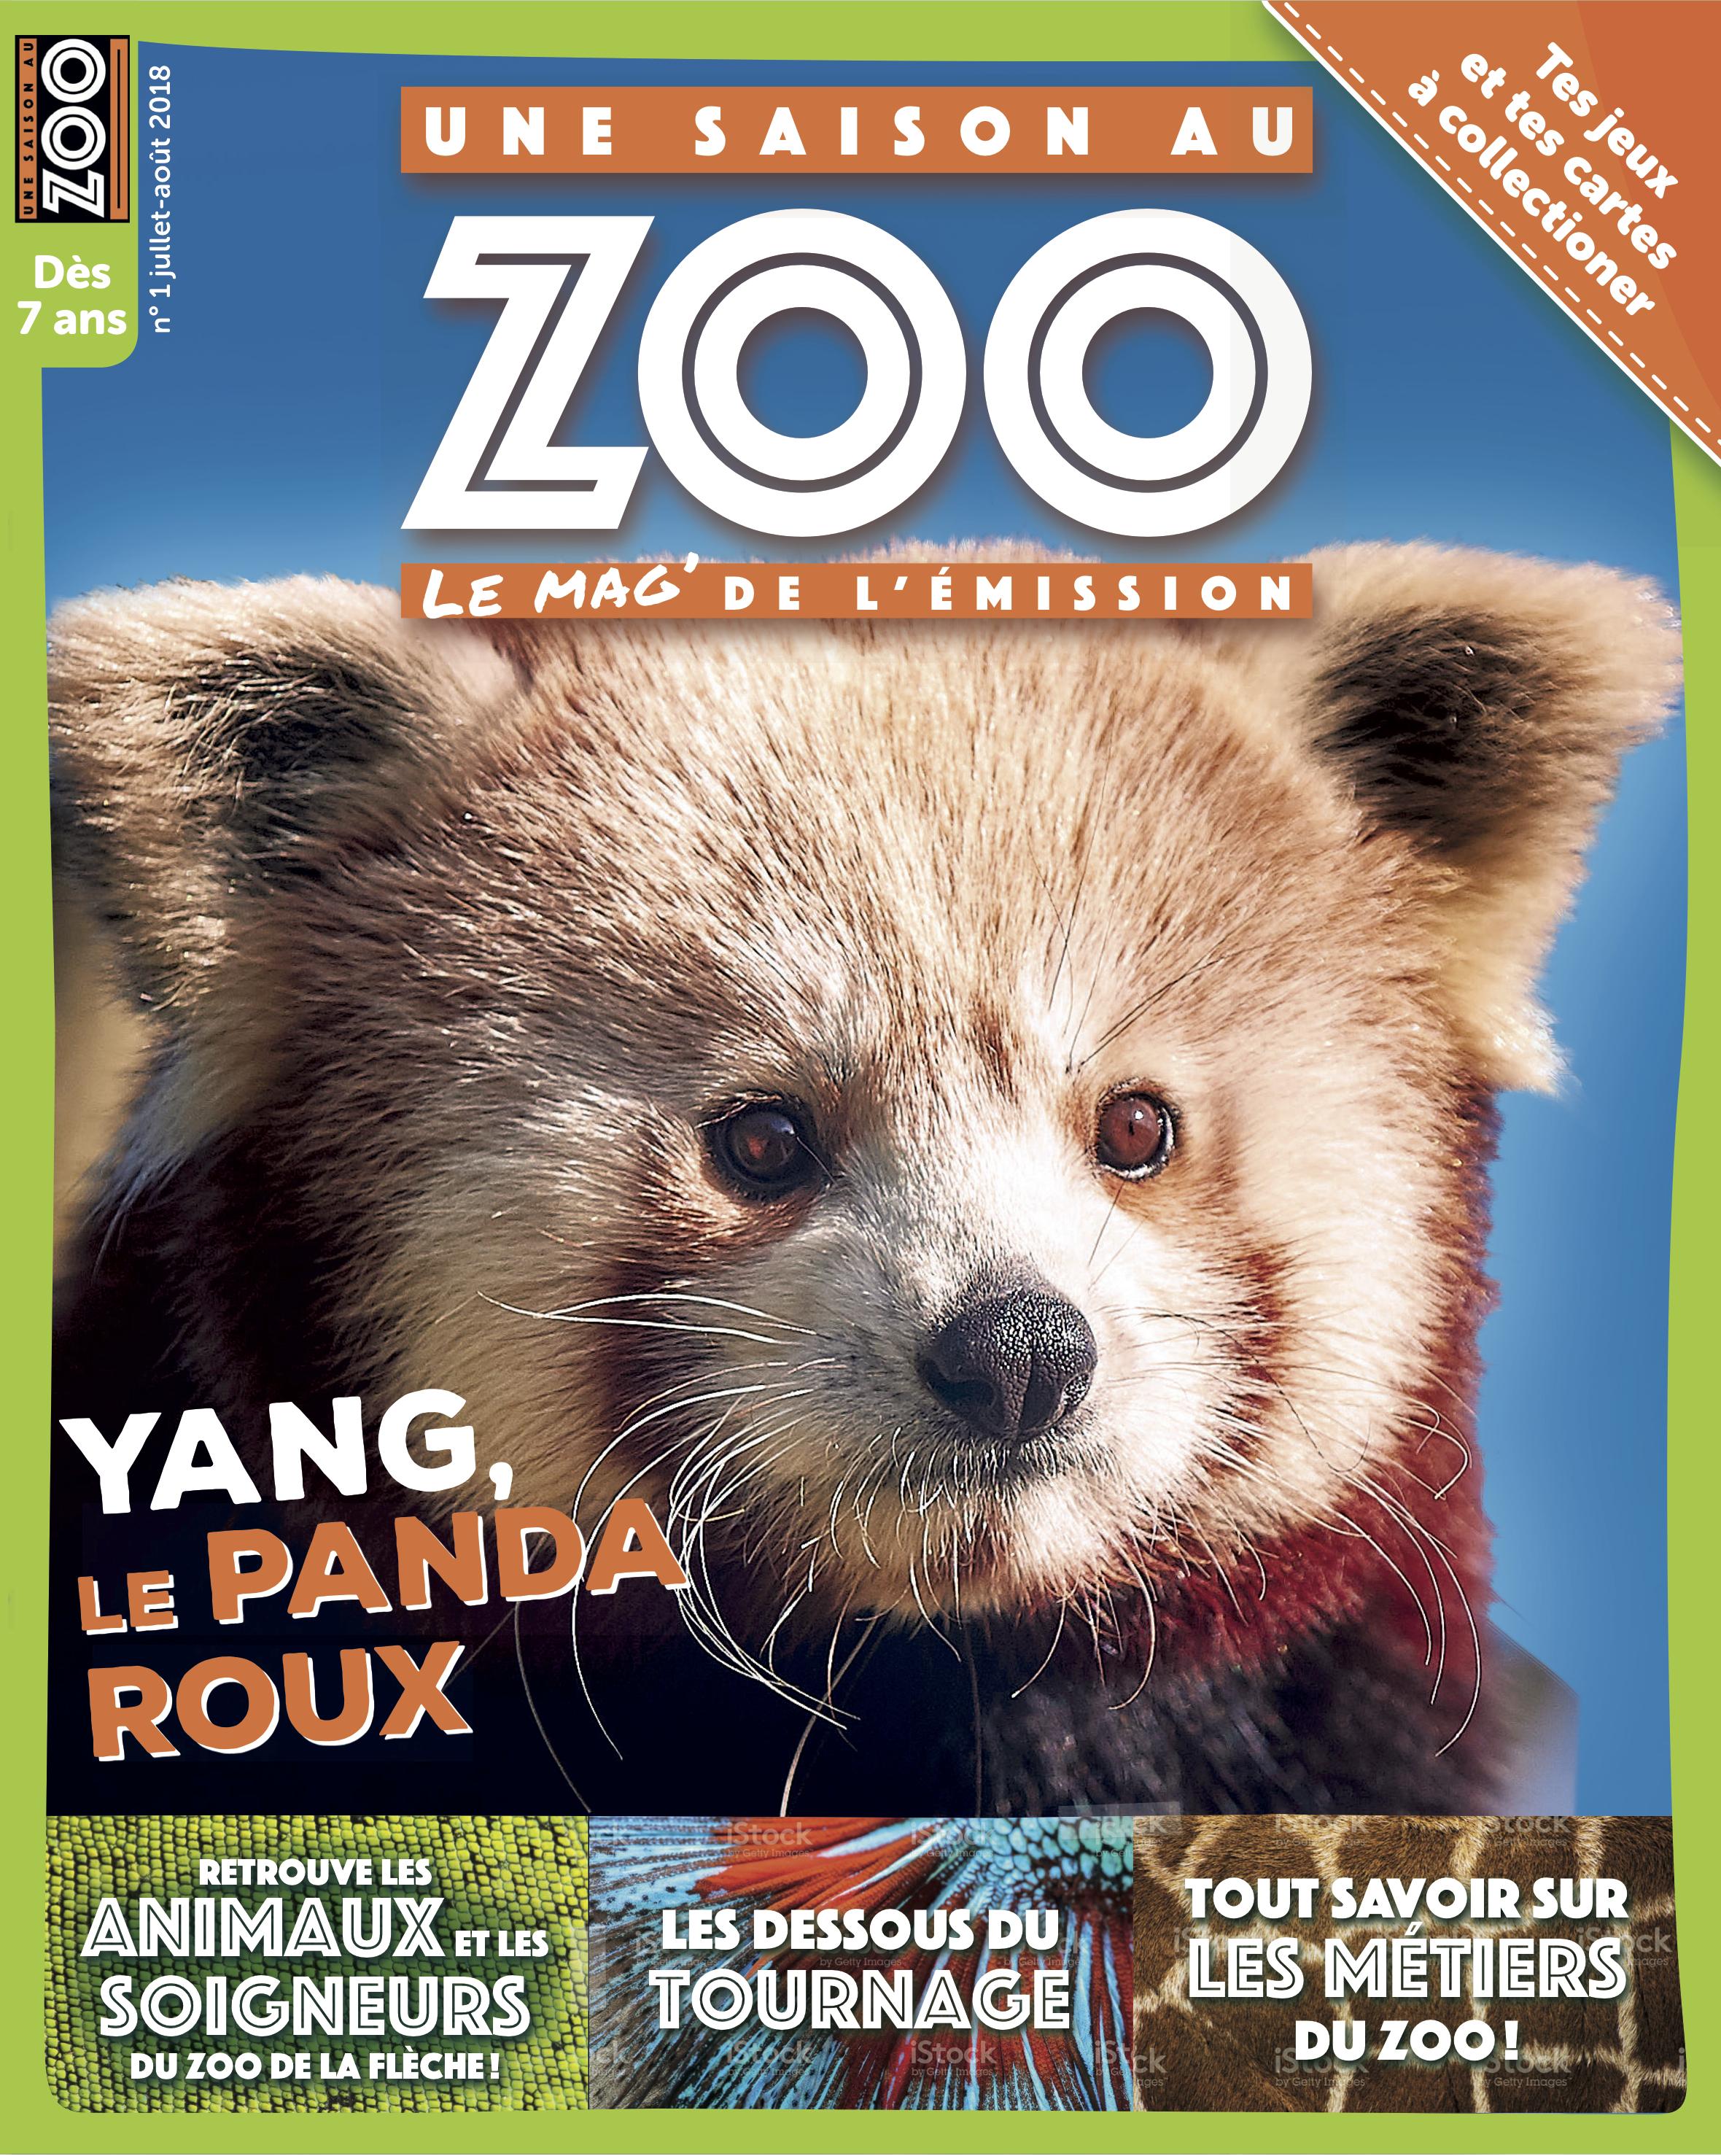 F4 S18 2019 Une Saison Au Zoo S10 Francetv Pro